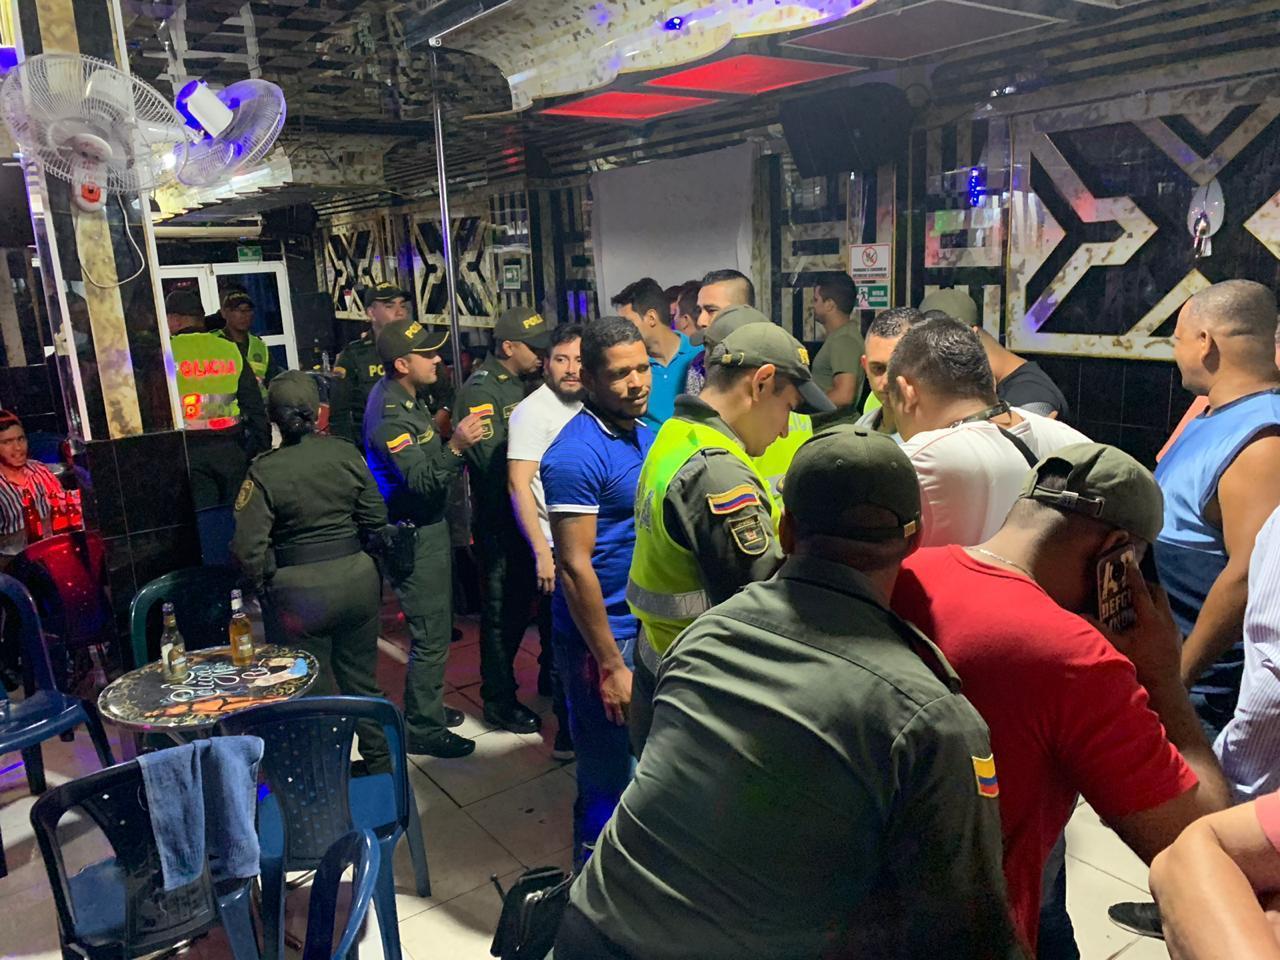 Autoridades intervinieron puntos críticos de Barrancabermeja. Seguridad se refuerza en las comunas | EL FRENTE